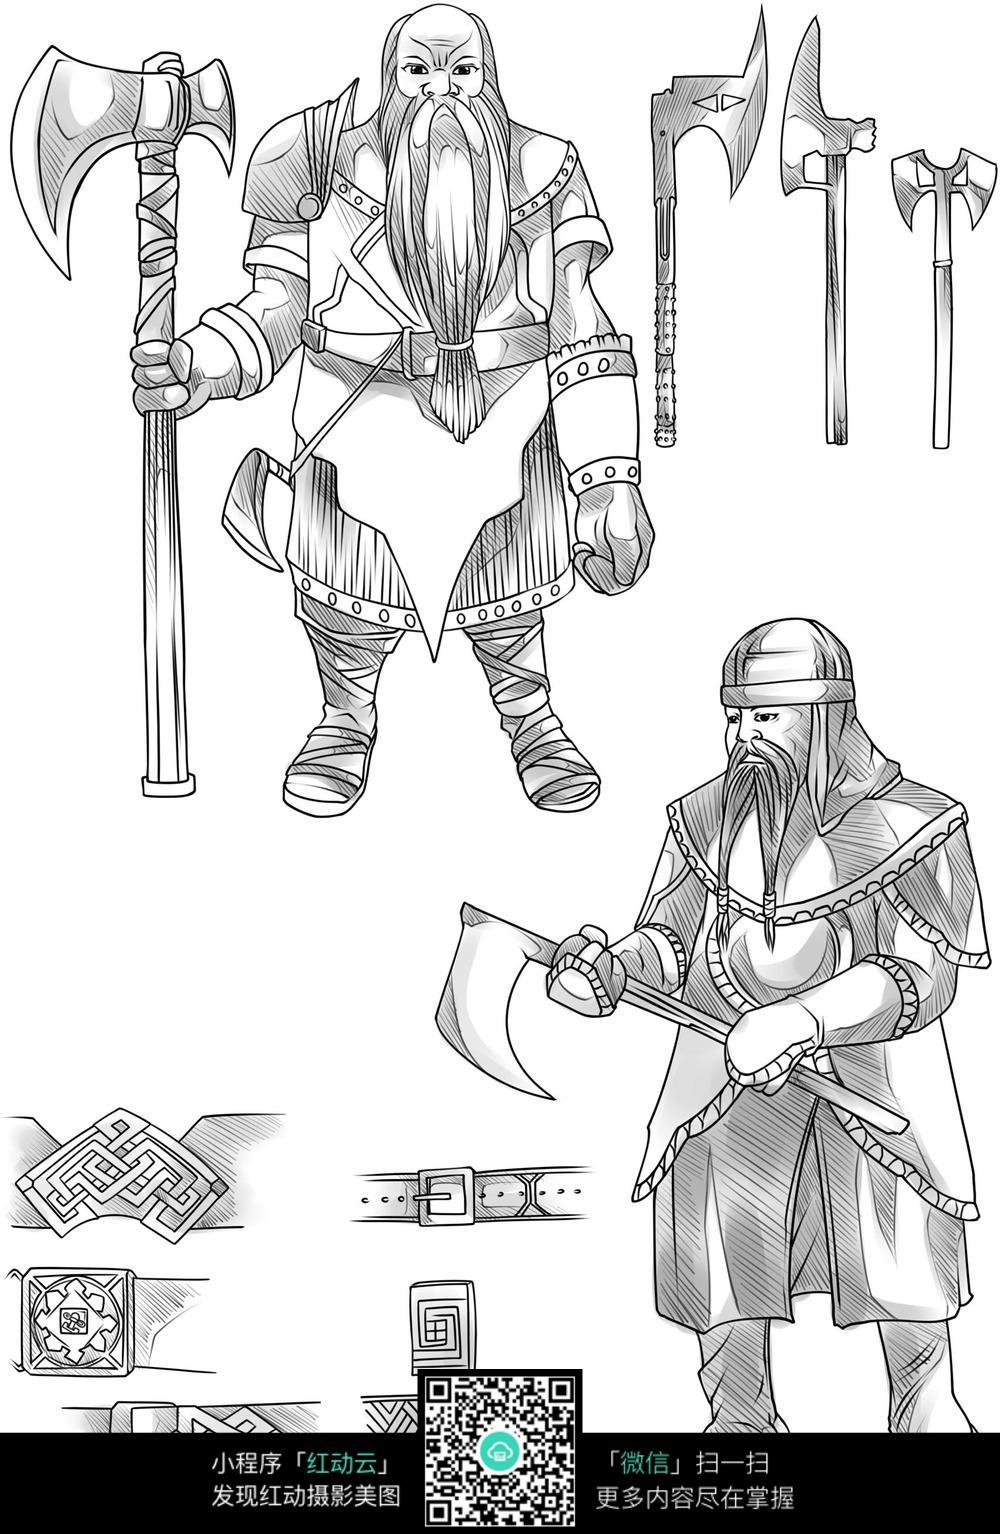 免费素材 图片素材 漫画插画 人物卡通 士兵和武器卡通手绘线稿